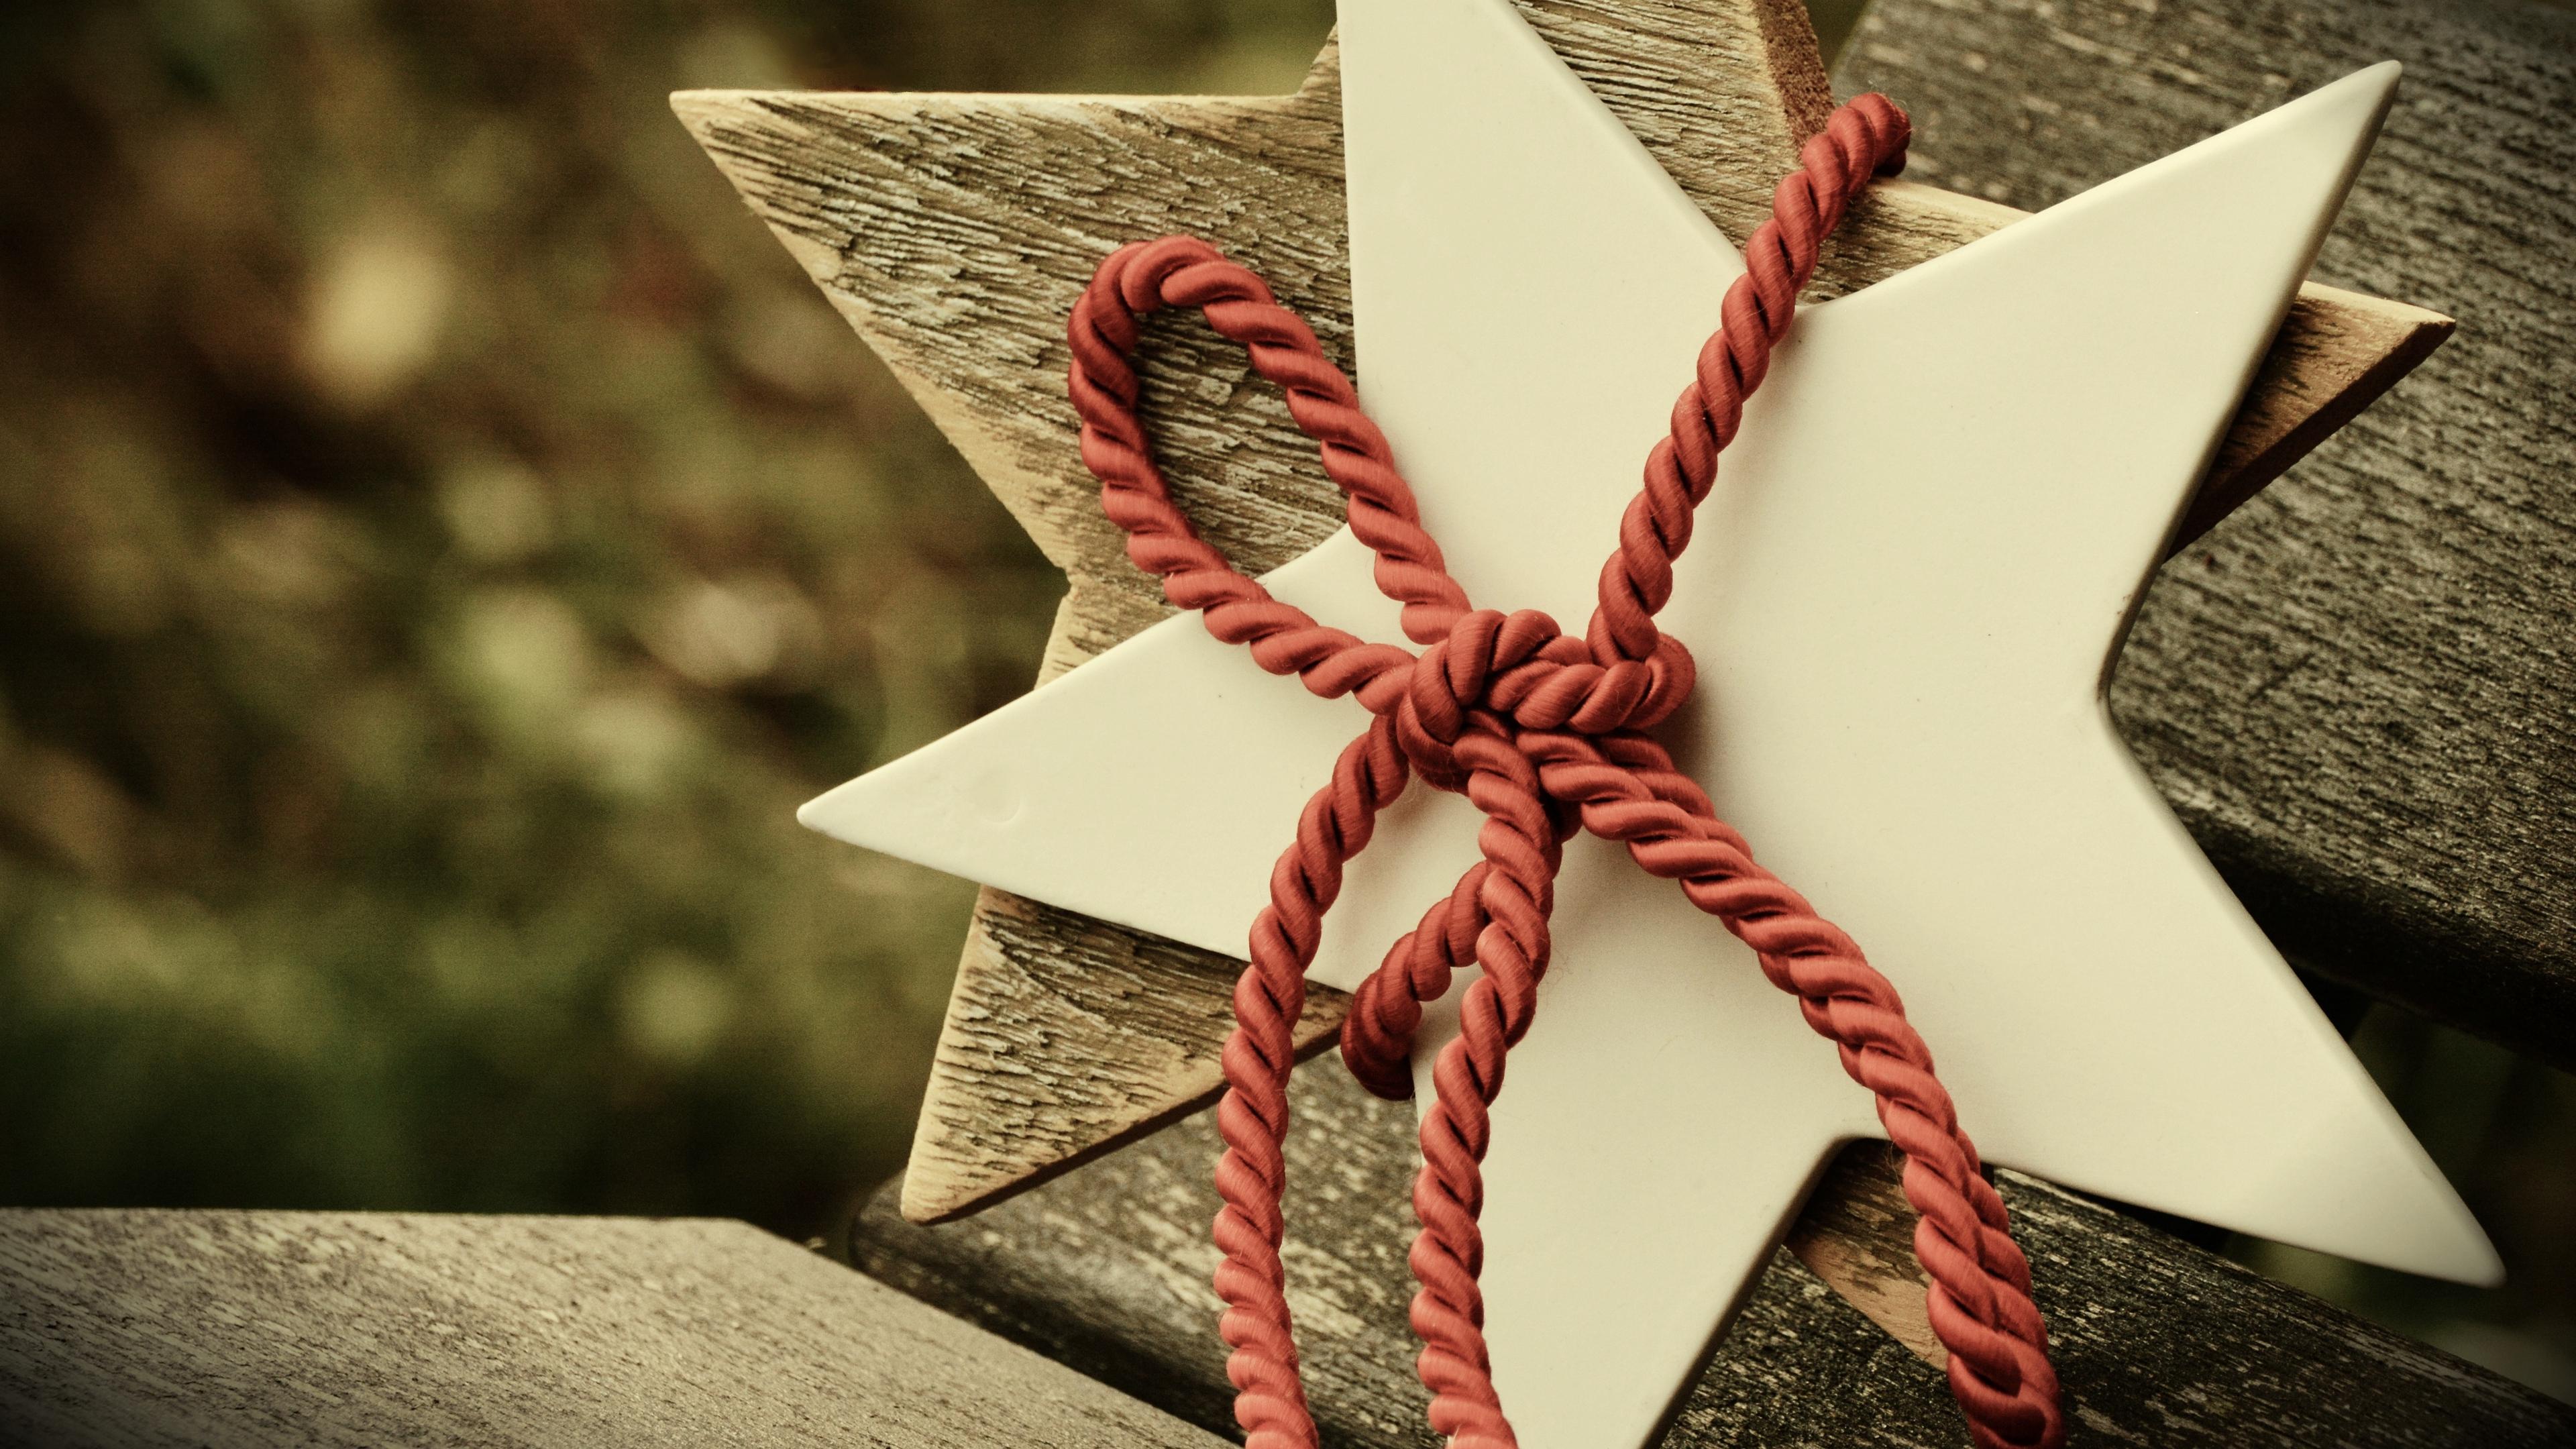 star rope christmas 4k 1538345113 - star, rope, christmas 4k - Star, rope, Christmas